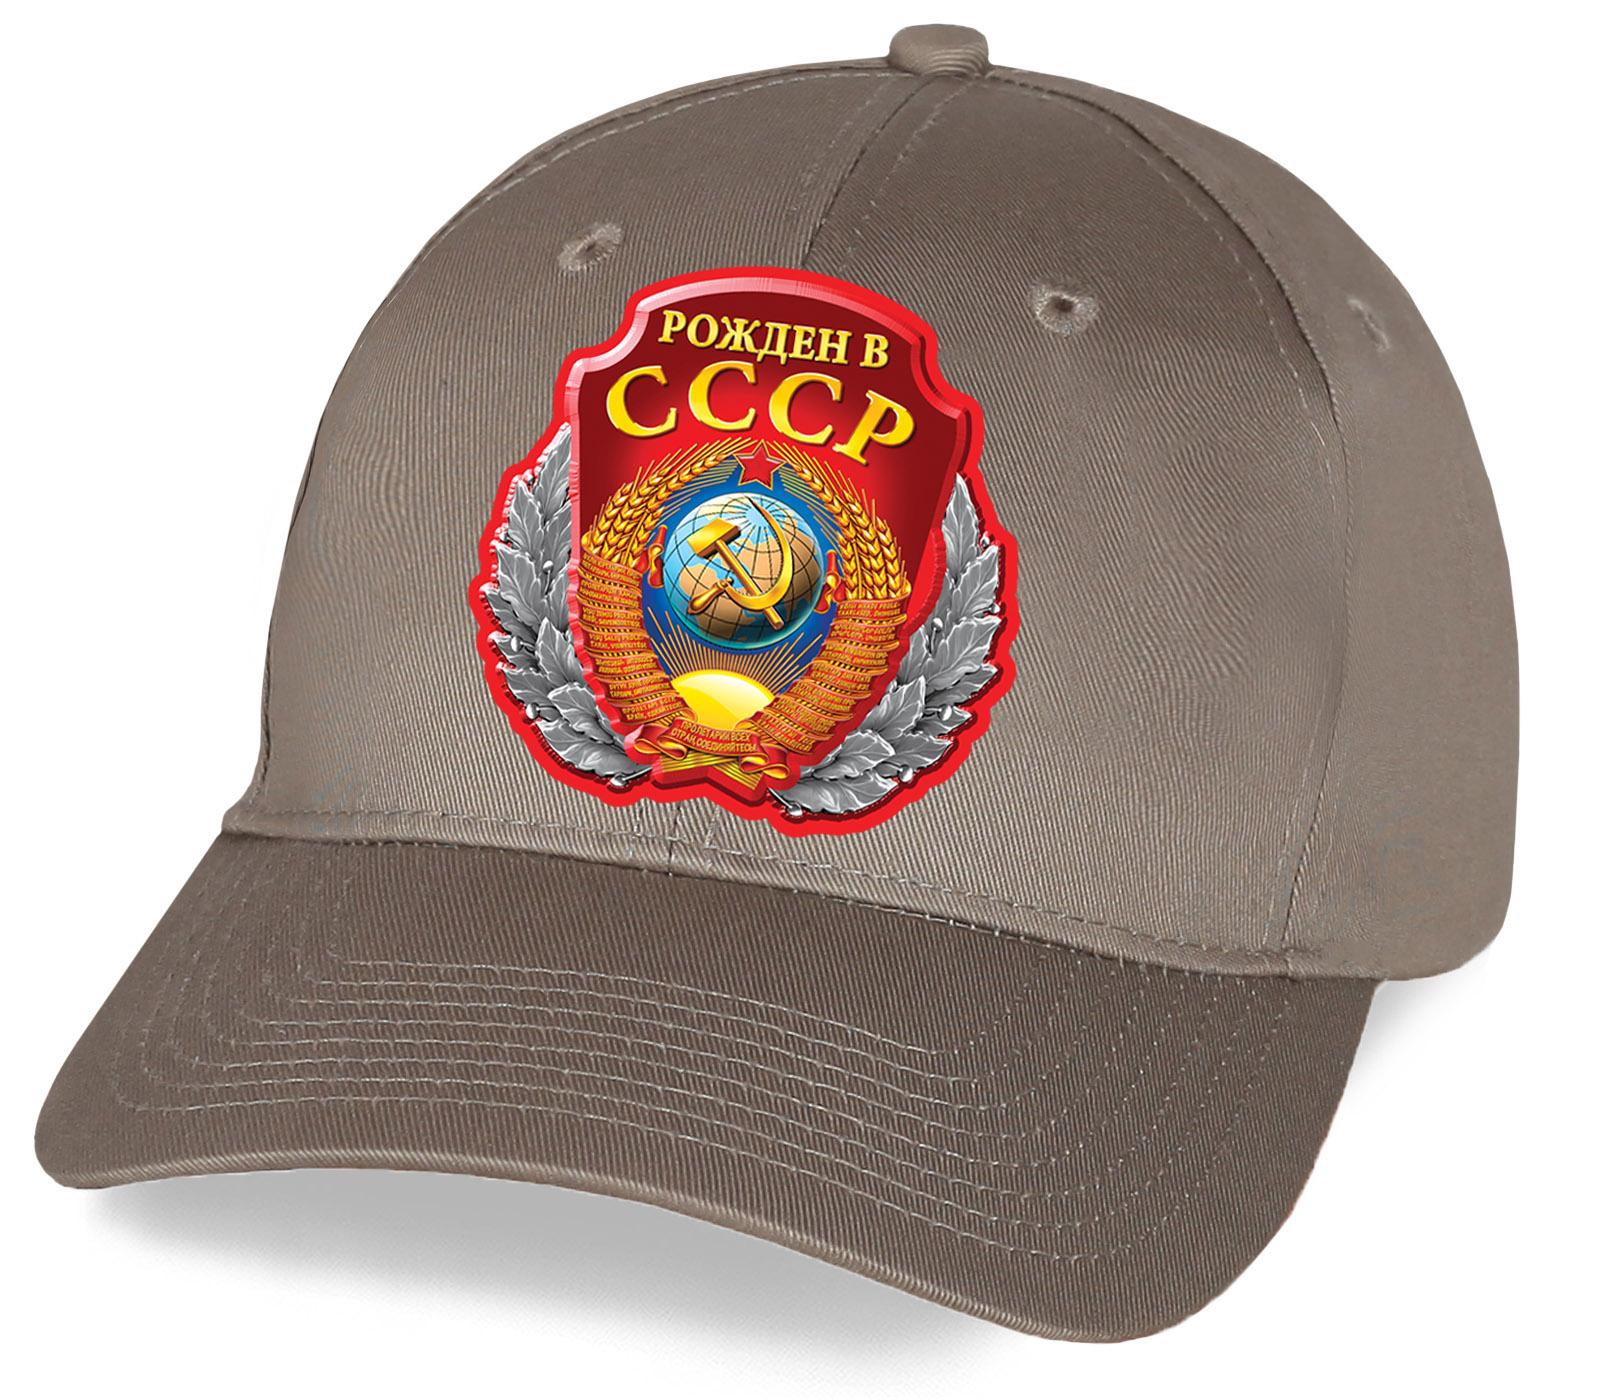 Топовая бейсболка для рожденных в СССР купить в подарок